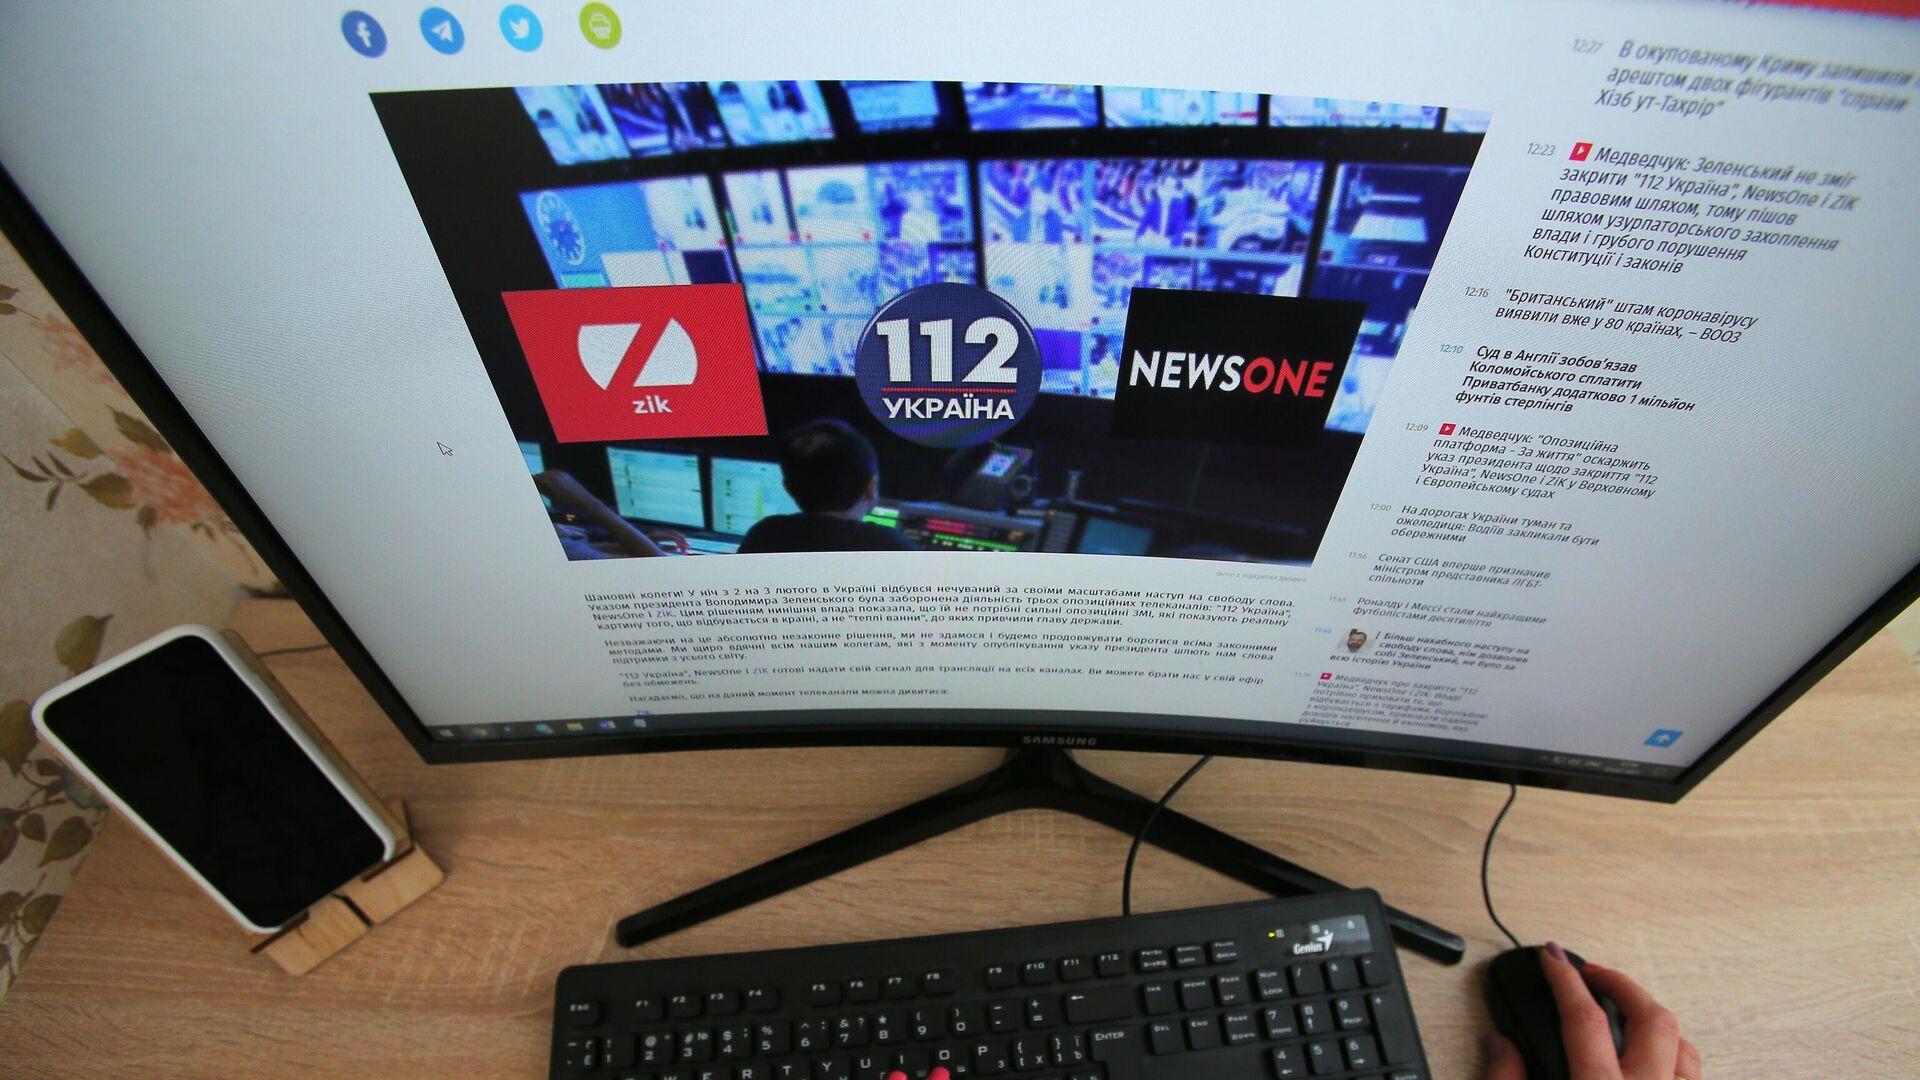 Экран монитора с новостной статьей о закрытии на территории Украины телеканалов 112.Украина, NewsOne и ZIK - РИА Новости, 1920, 04.02.2021